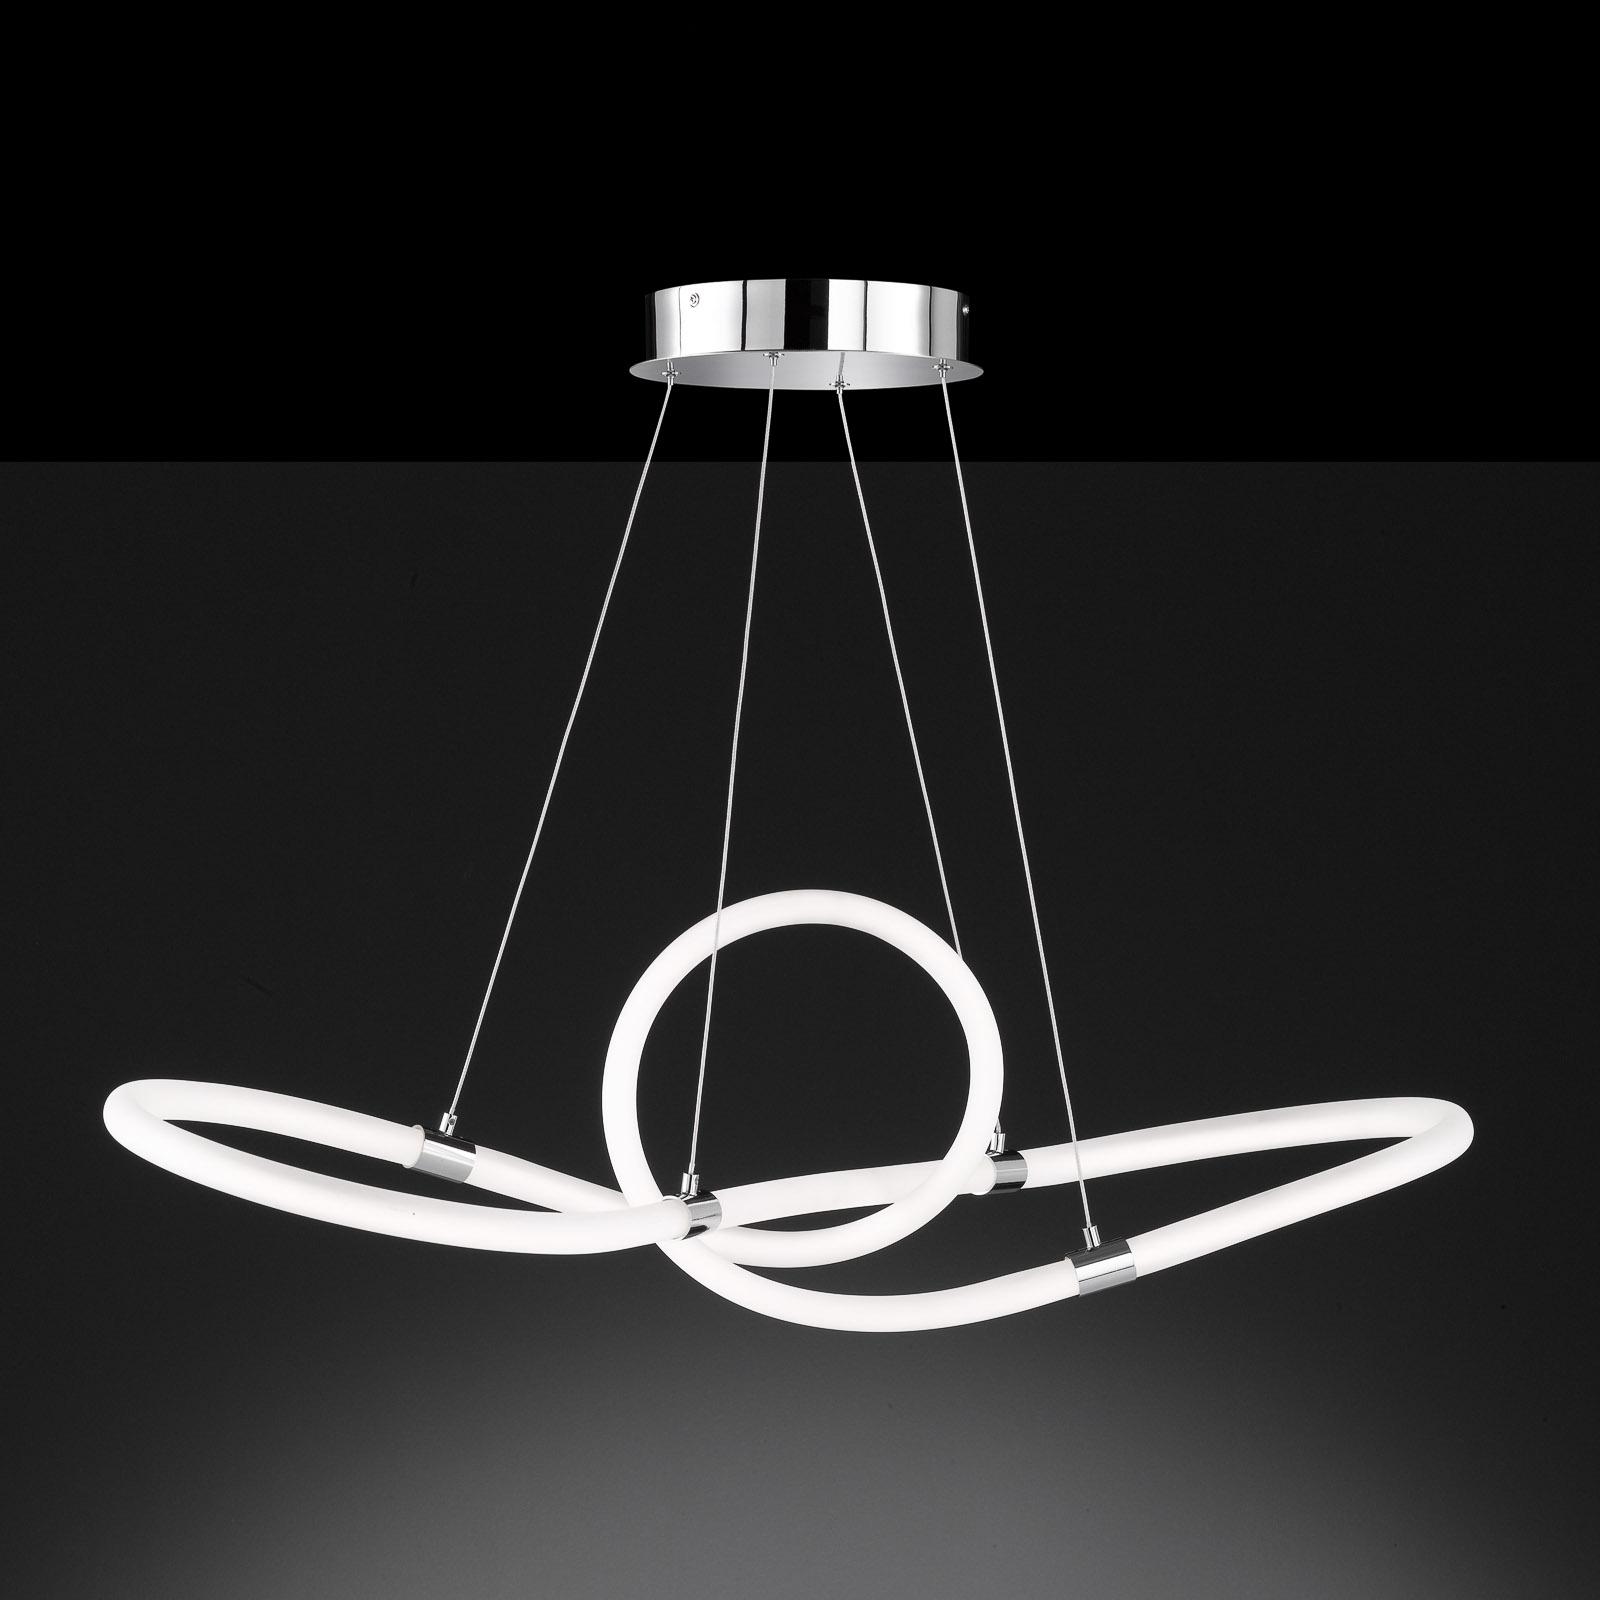 LED-riippuvalaisin Mira, kaukosäädin 92,5x30,5 cm